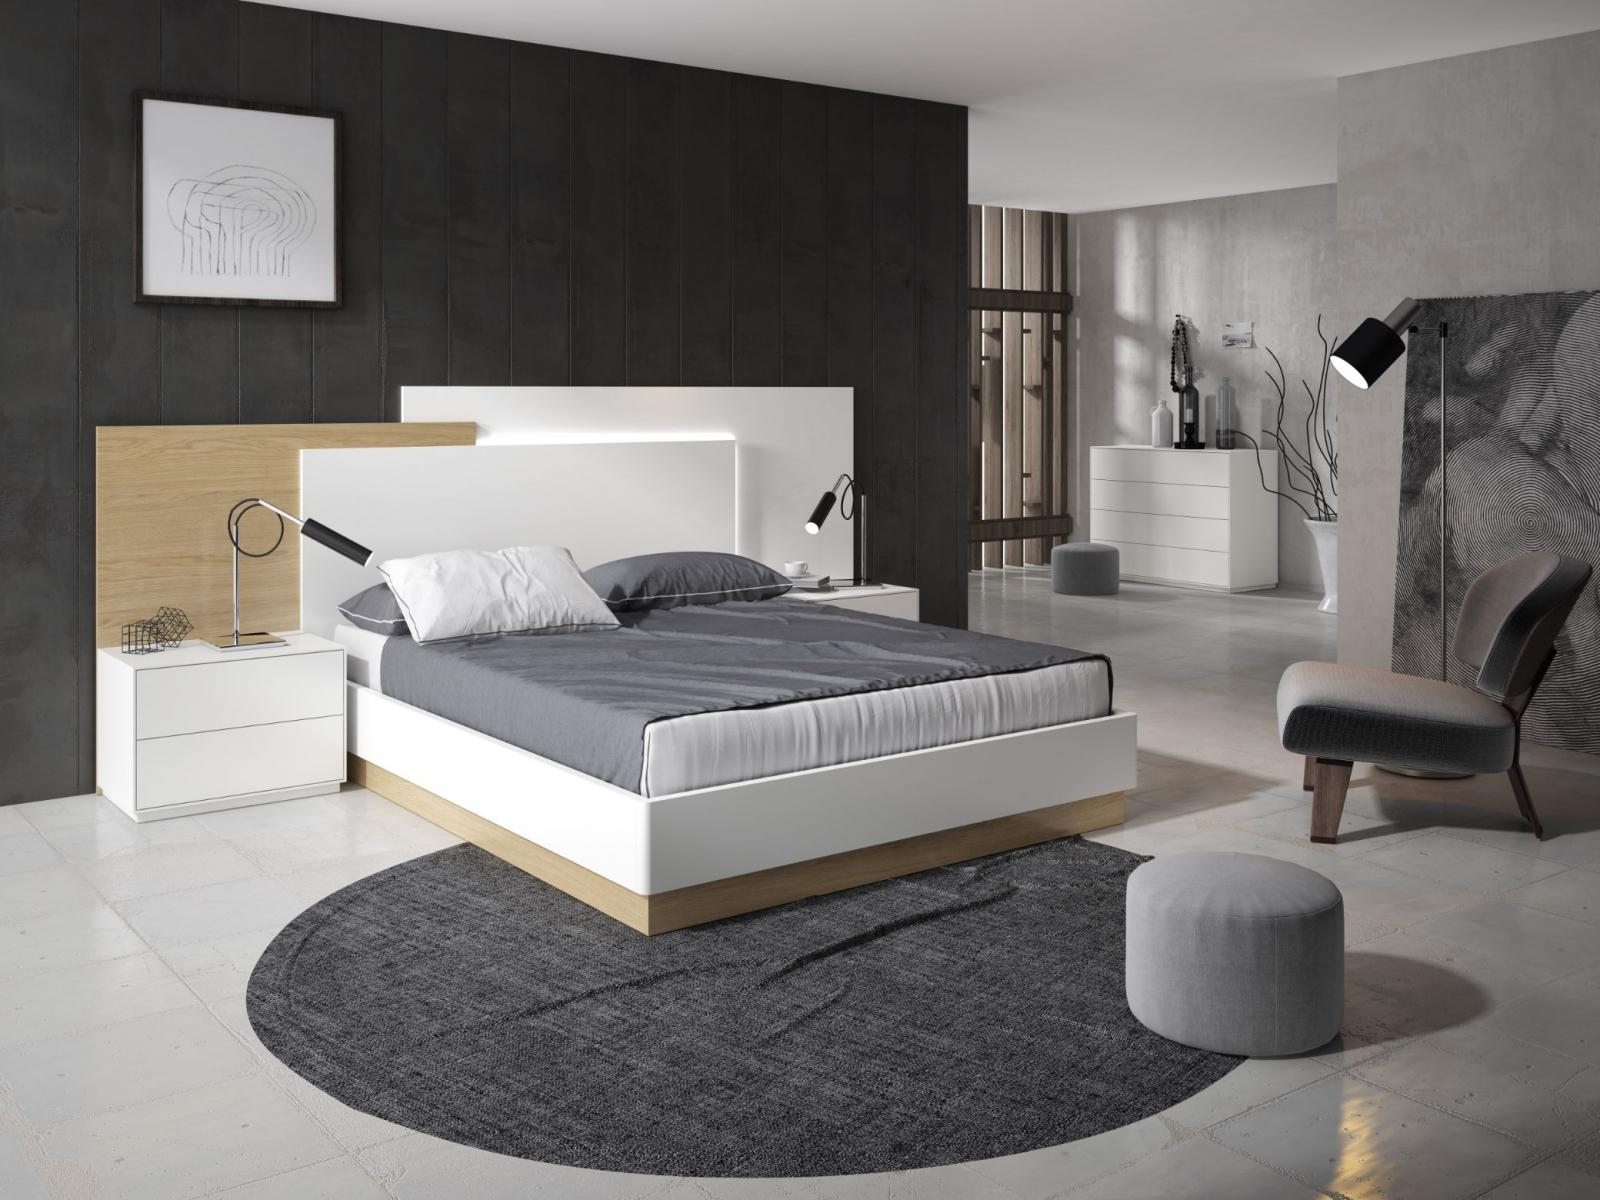 Conjunto de Dormitorio FREE-2 - Conjunto de Dormitorio FREE-2